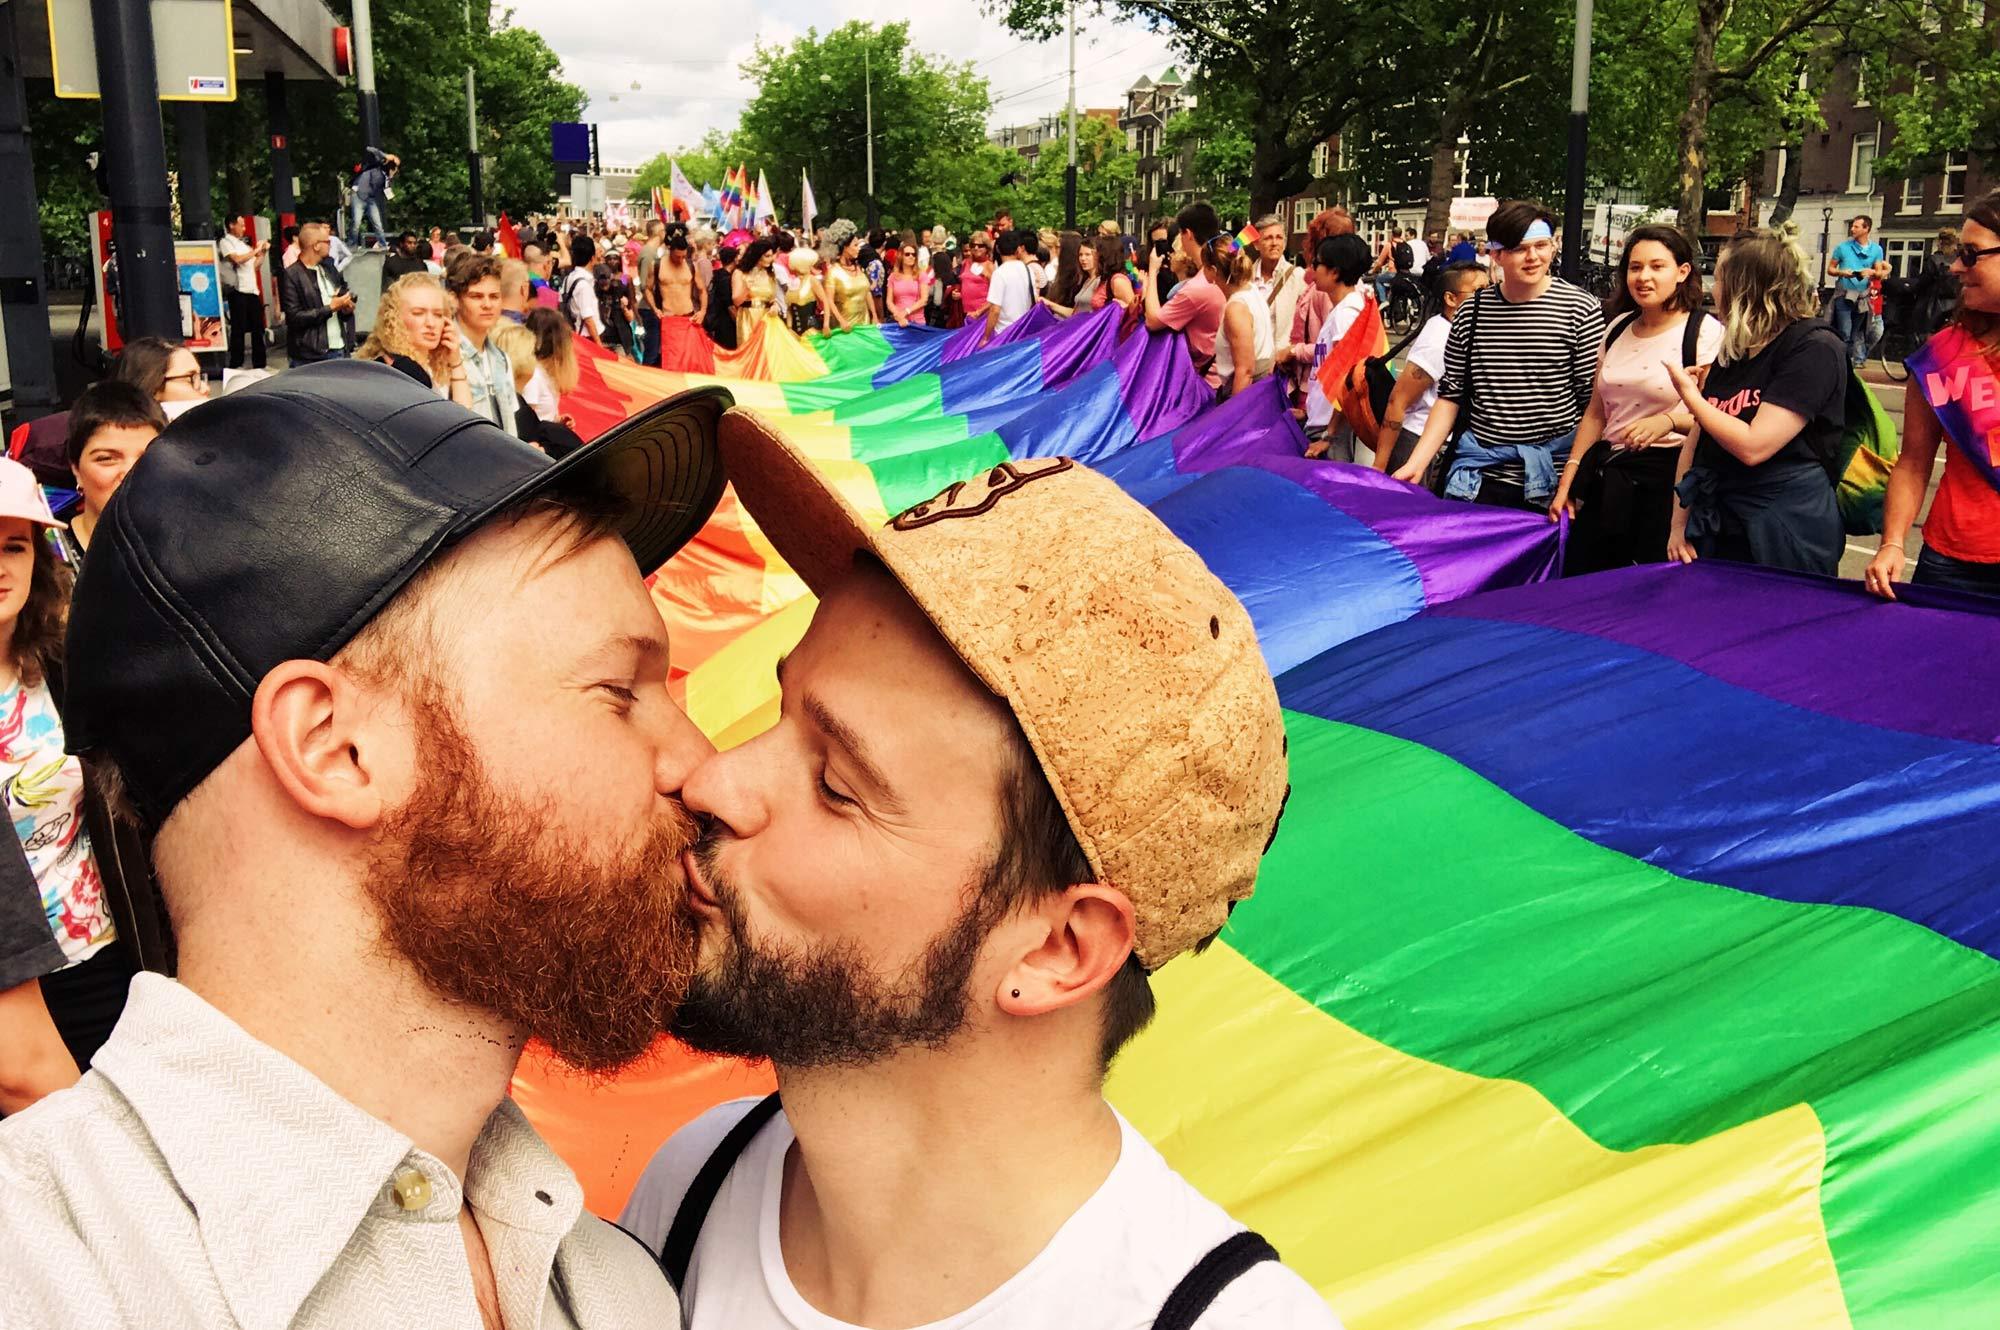 Kostenlose Dating Apps für Schwule: Die Top 6 – inklusive Gayromeo und Grindr